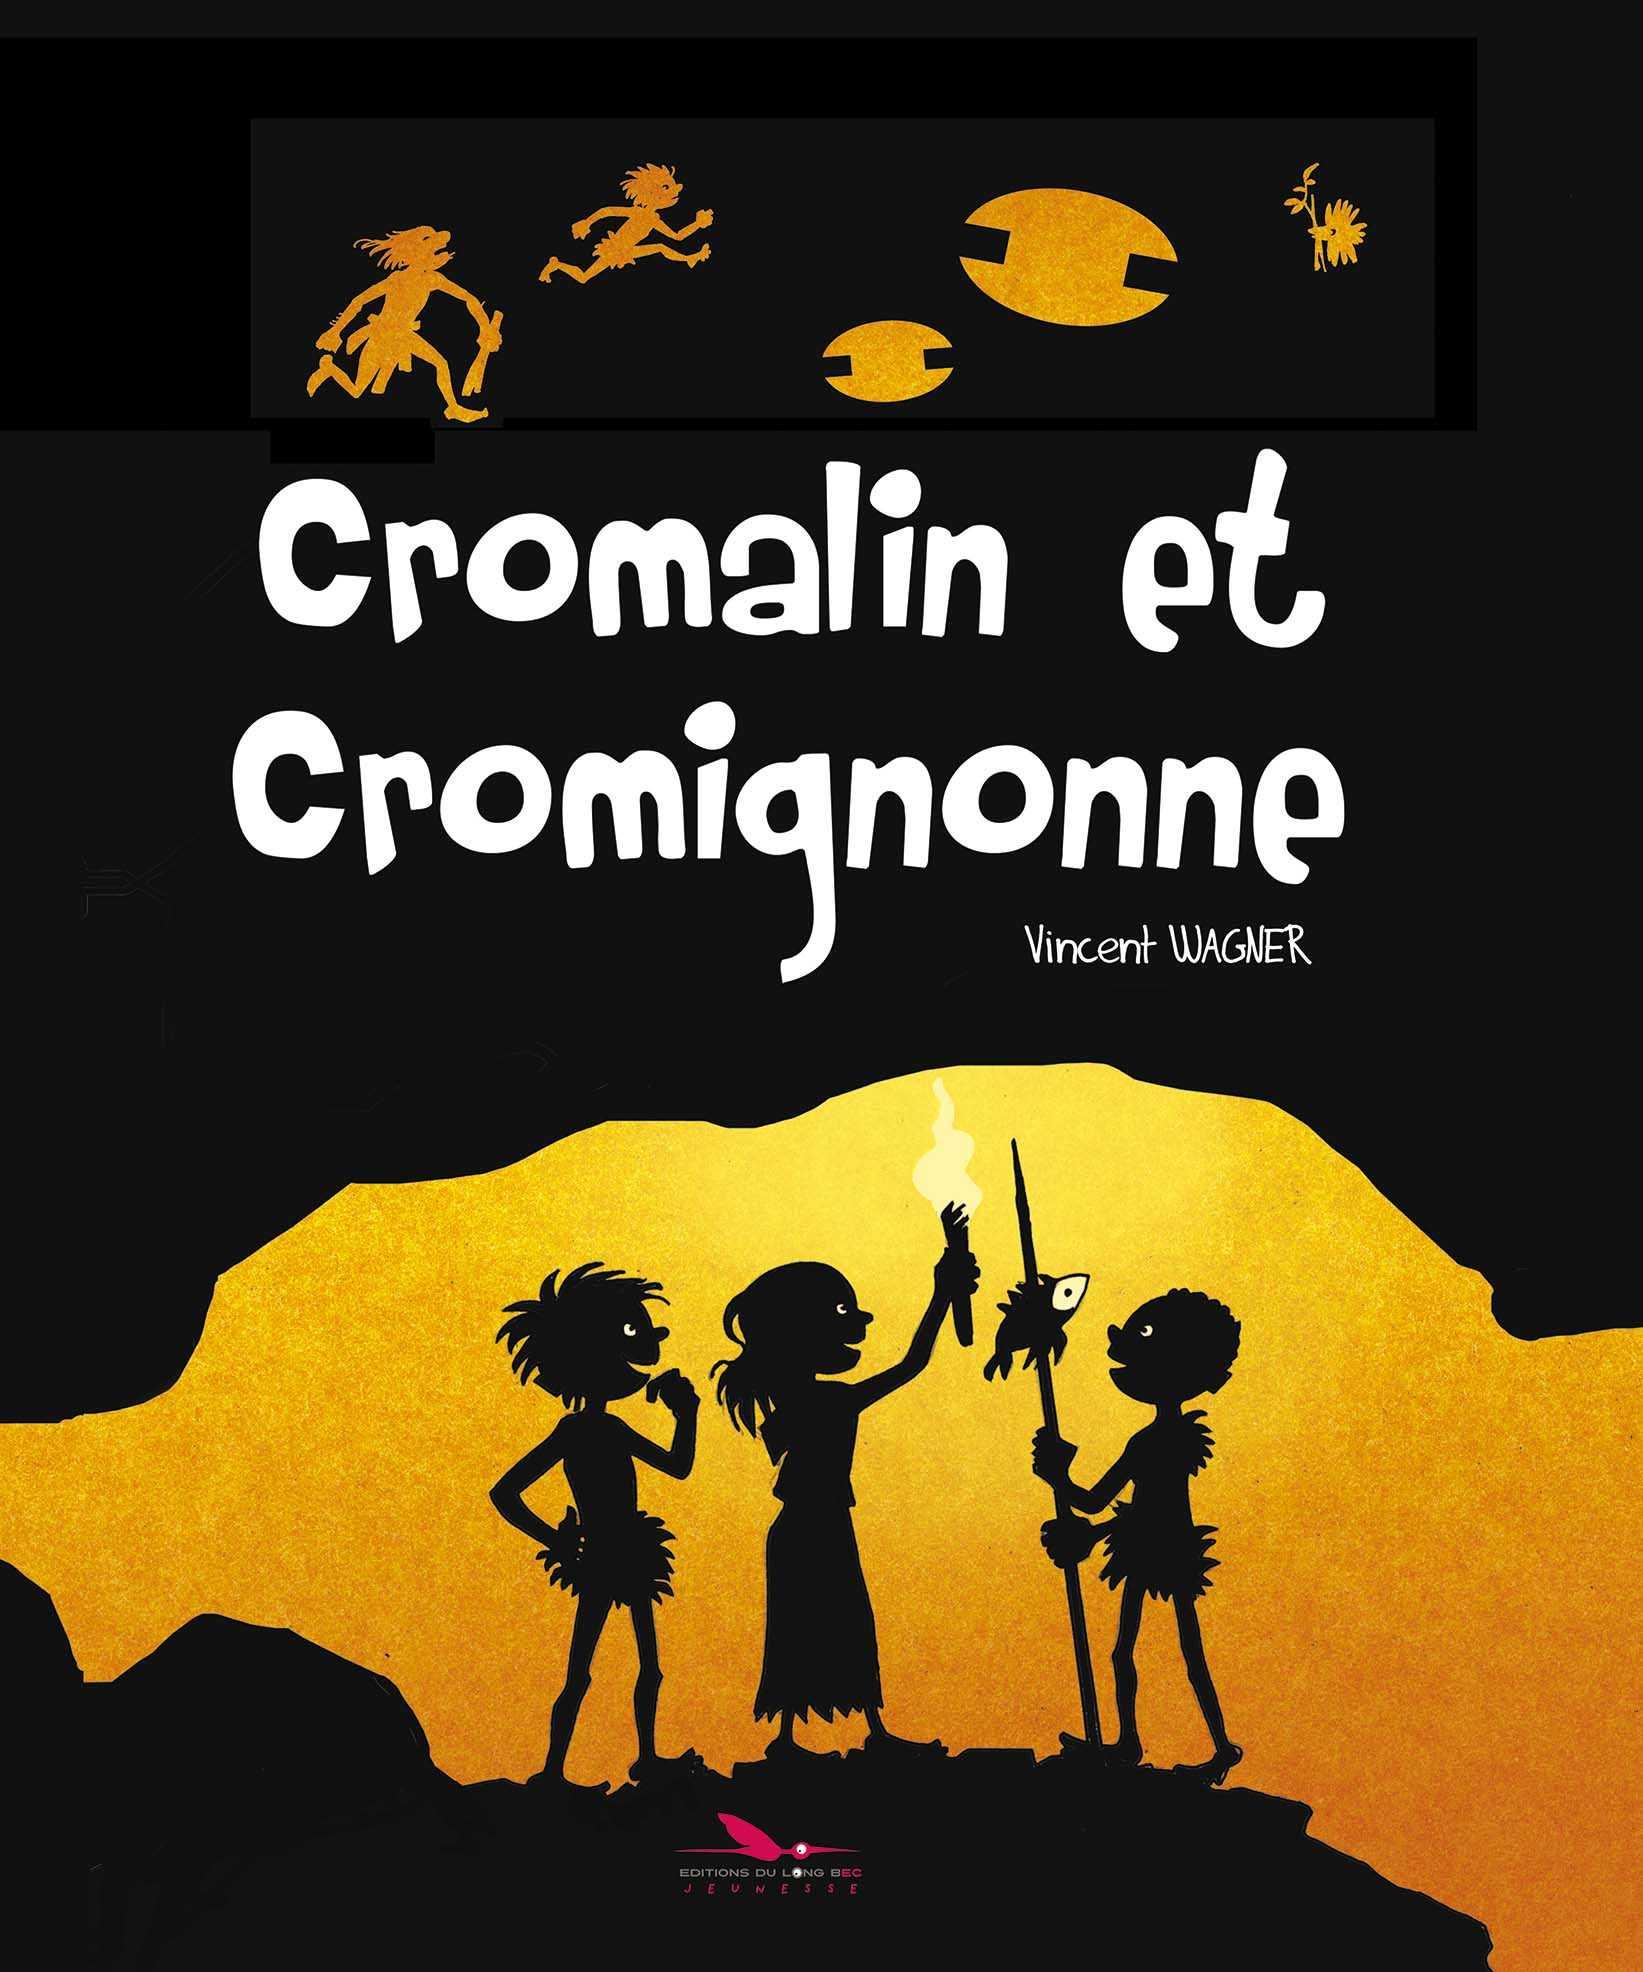 Cromalin et Cromignonne, la préhistoire en a vu de belles